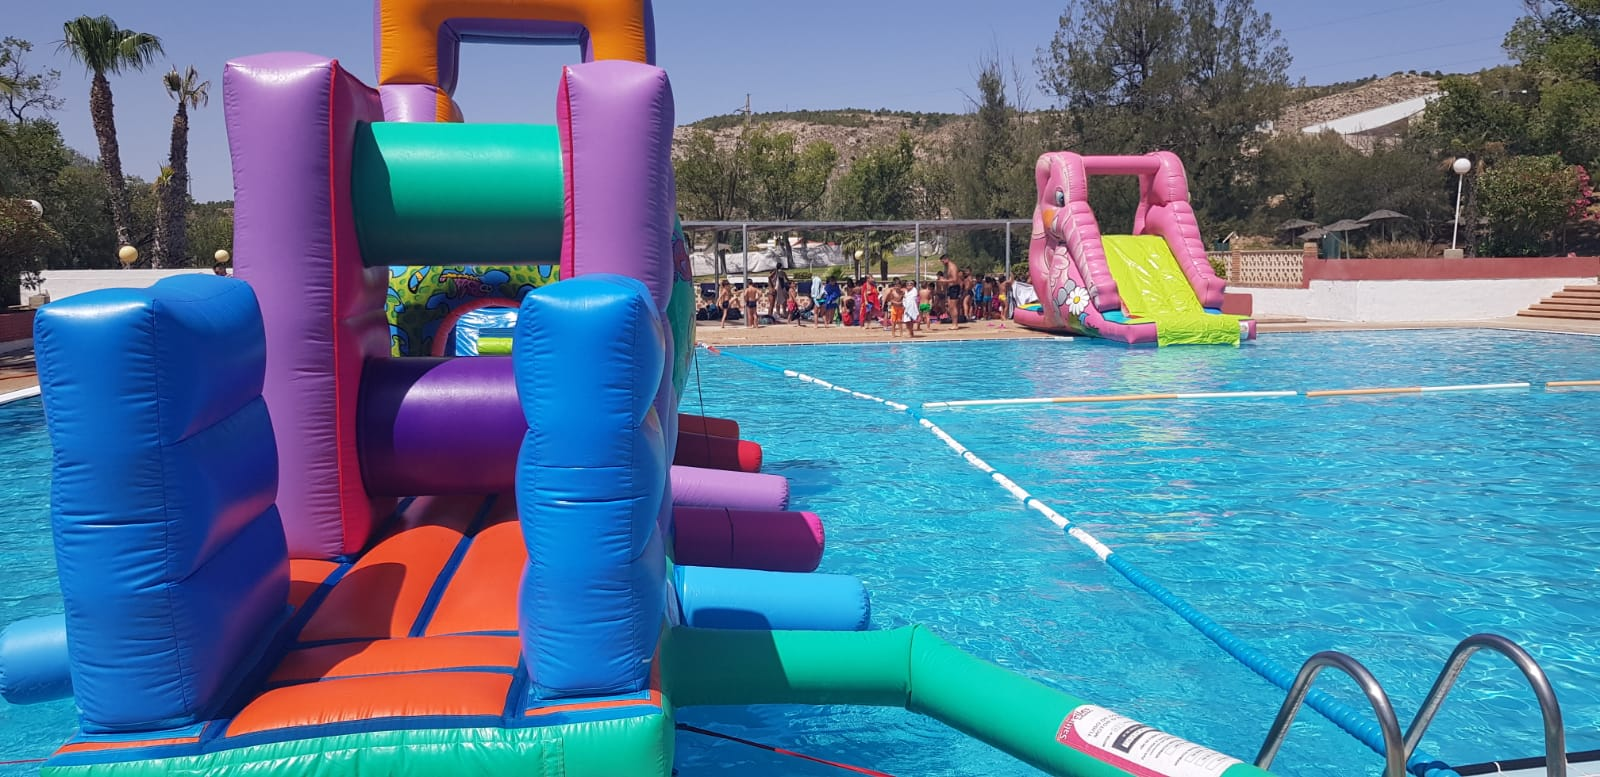 Finaliza el primer turno de la Escuela Municipal de Verano con una fiesta para los 300 niños que han participado